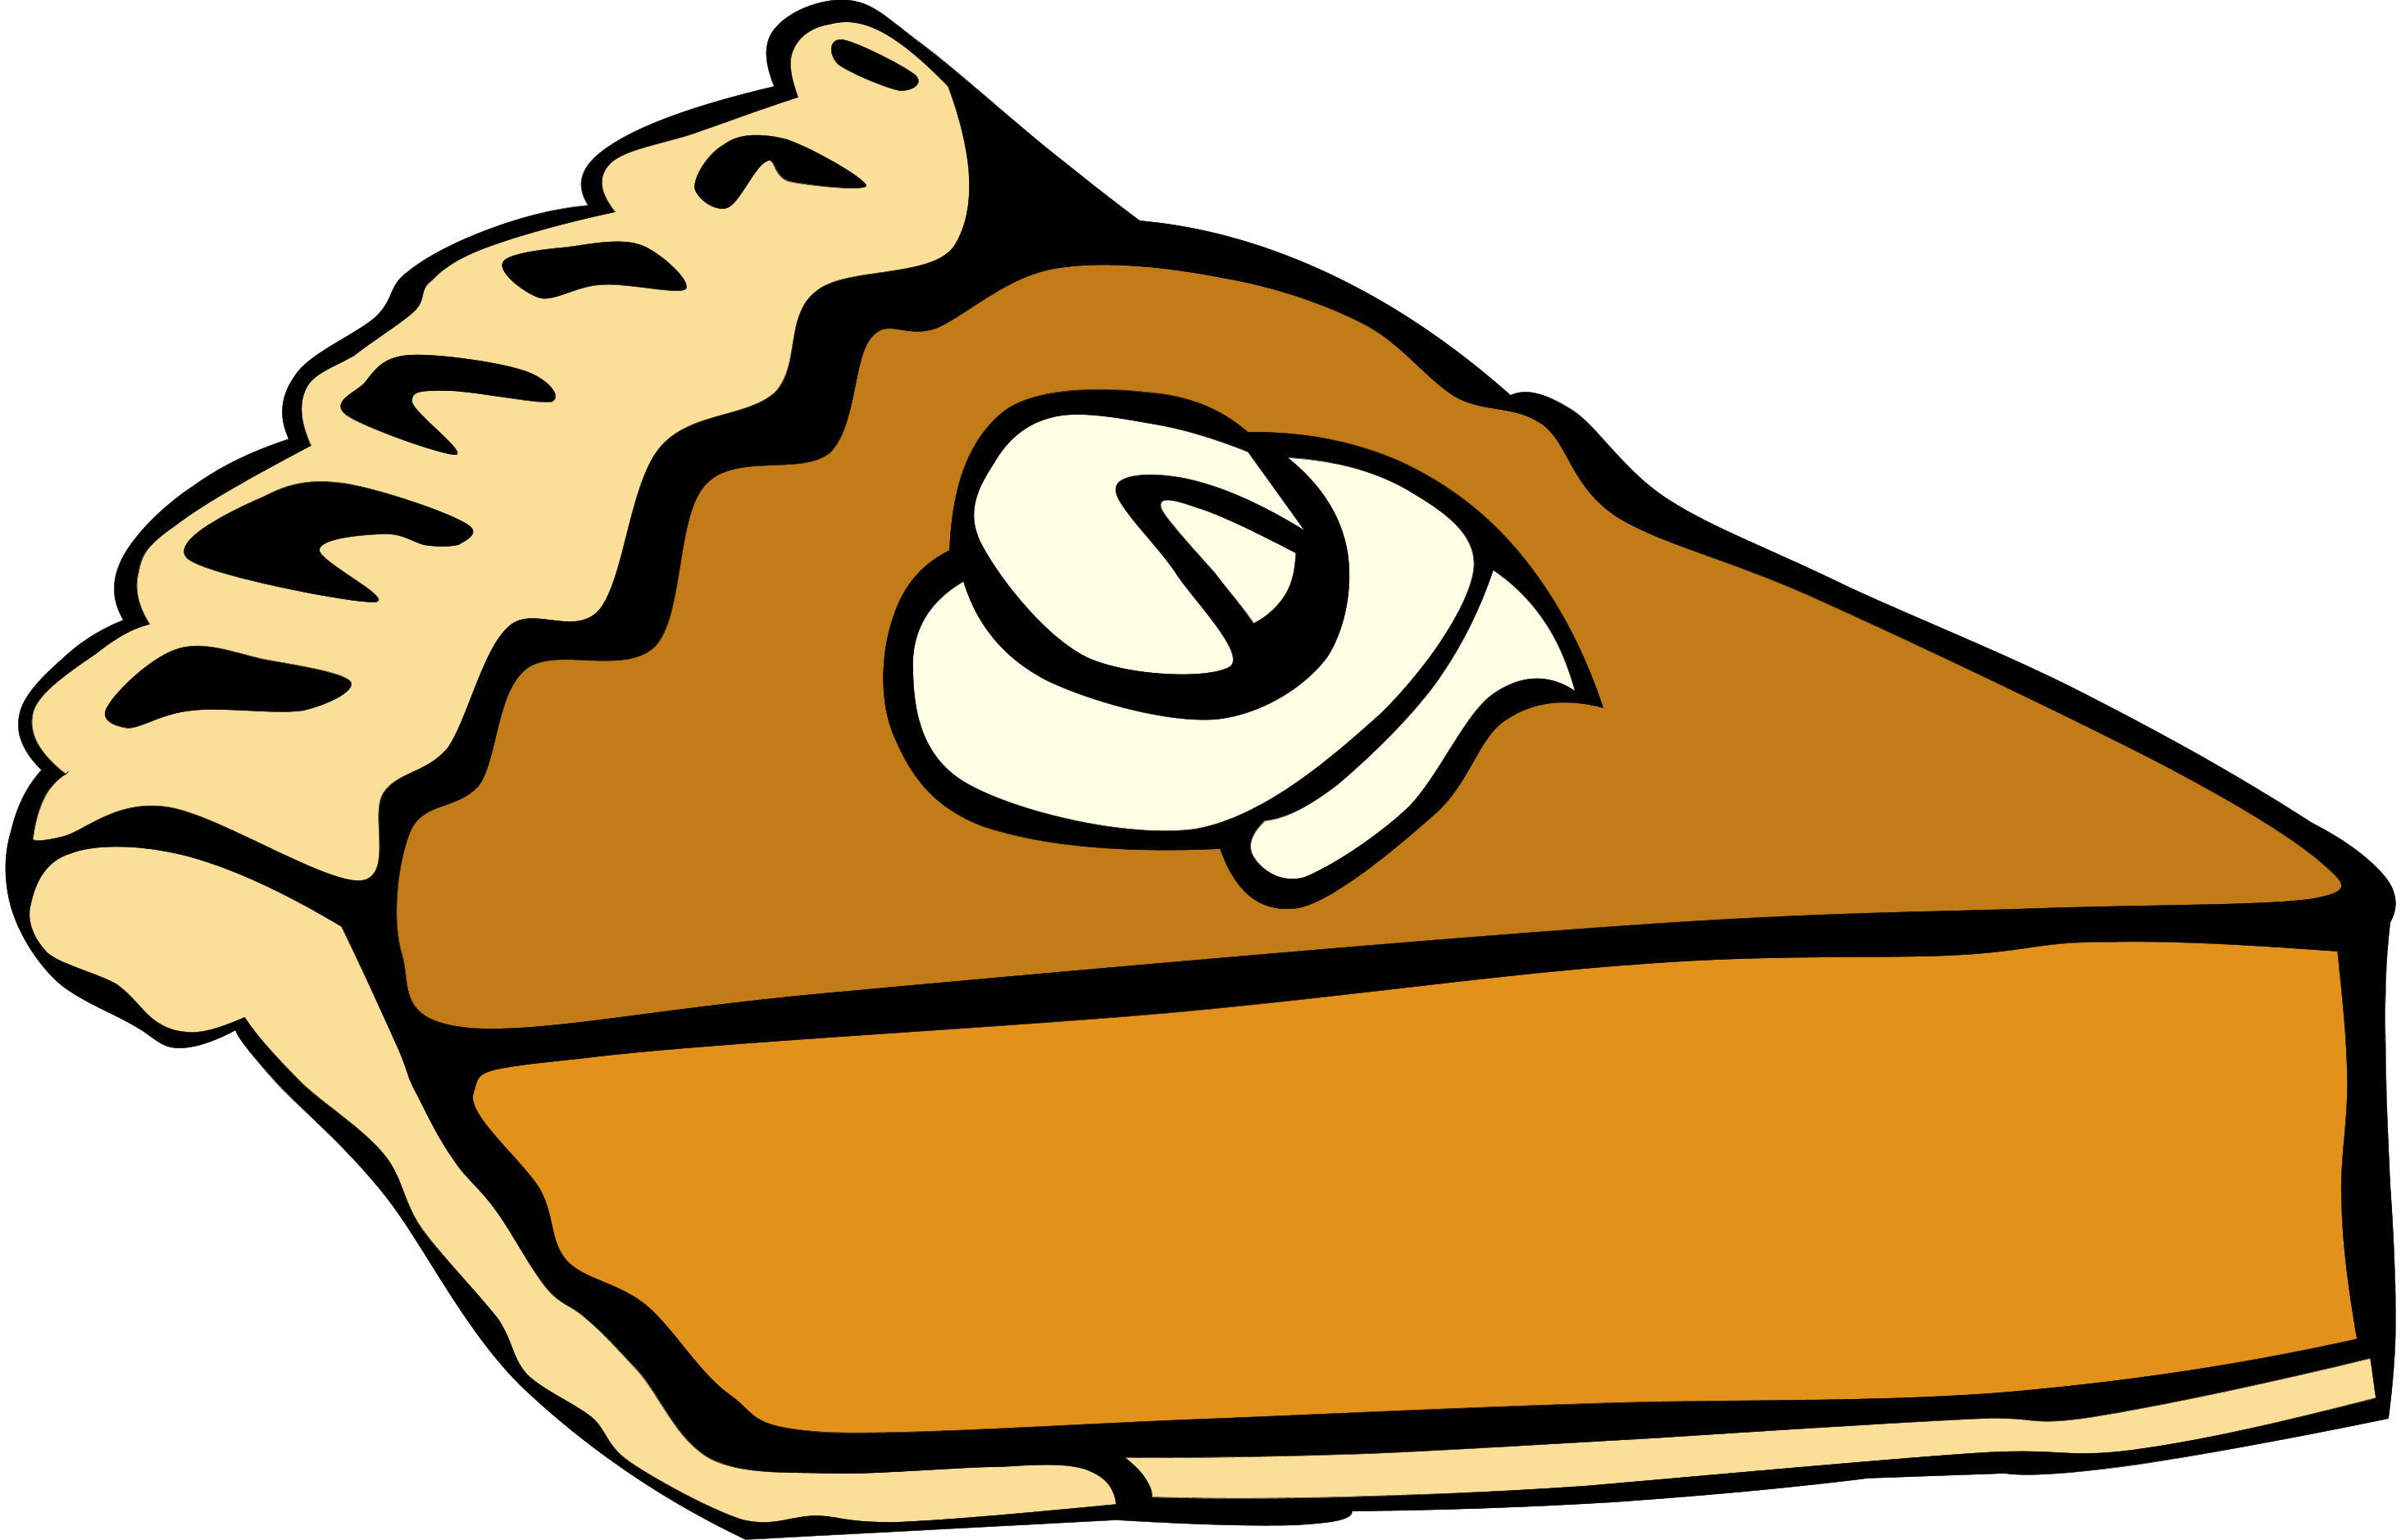 In The Desert clipart thanksgiving pie Clipart Dessert Art Borders Art